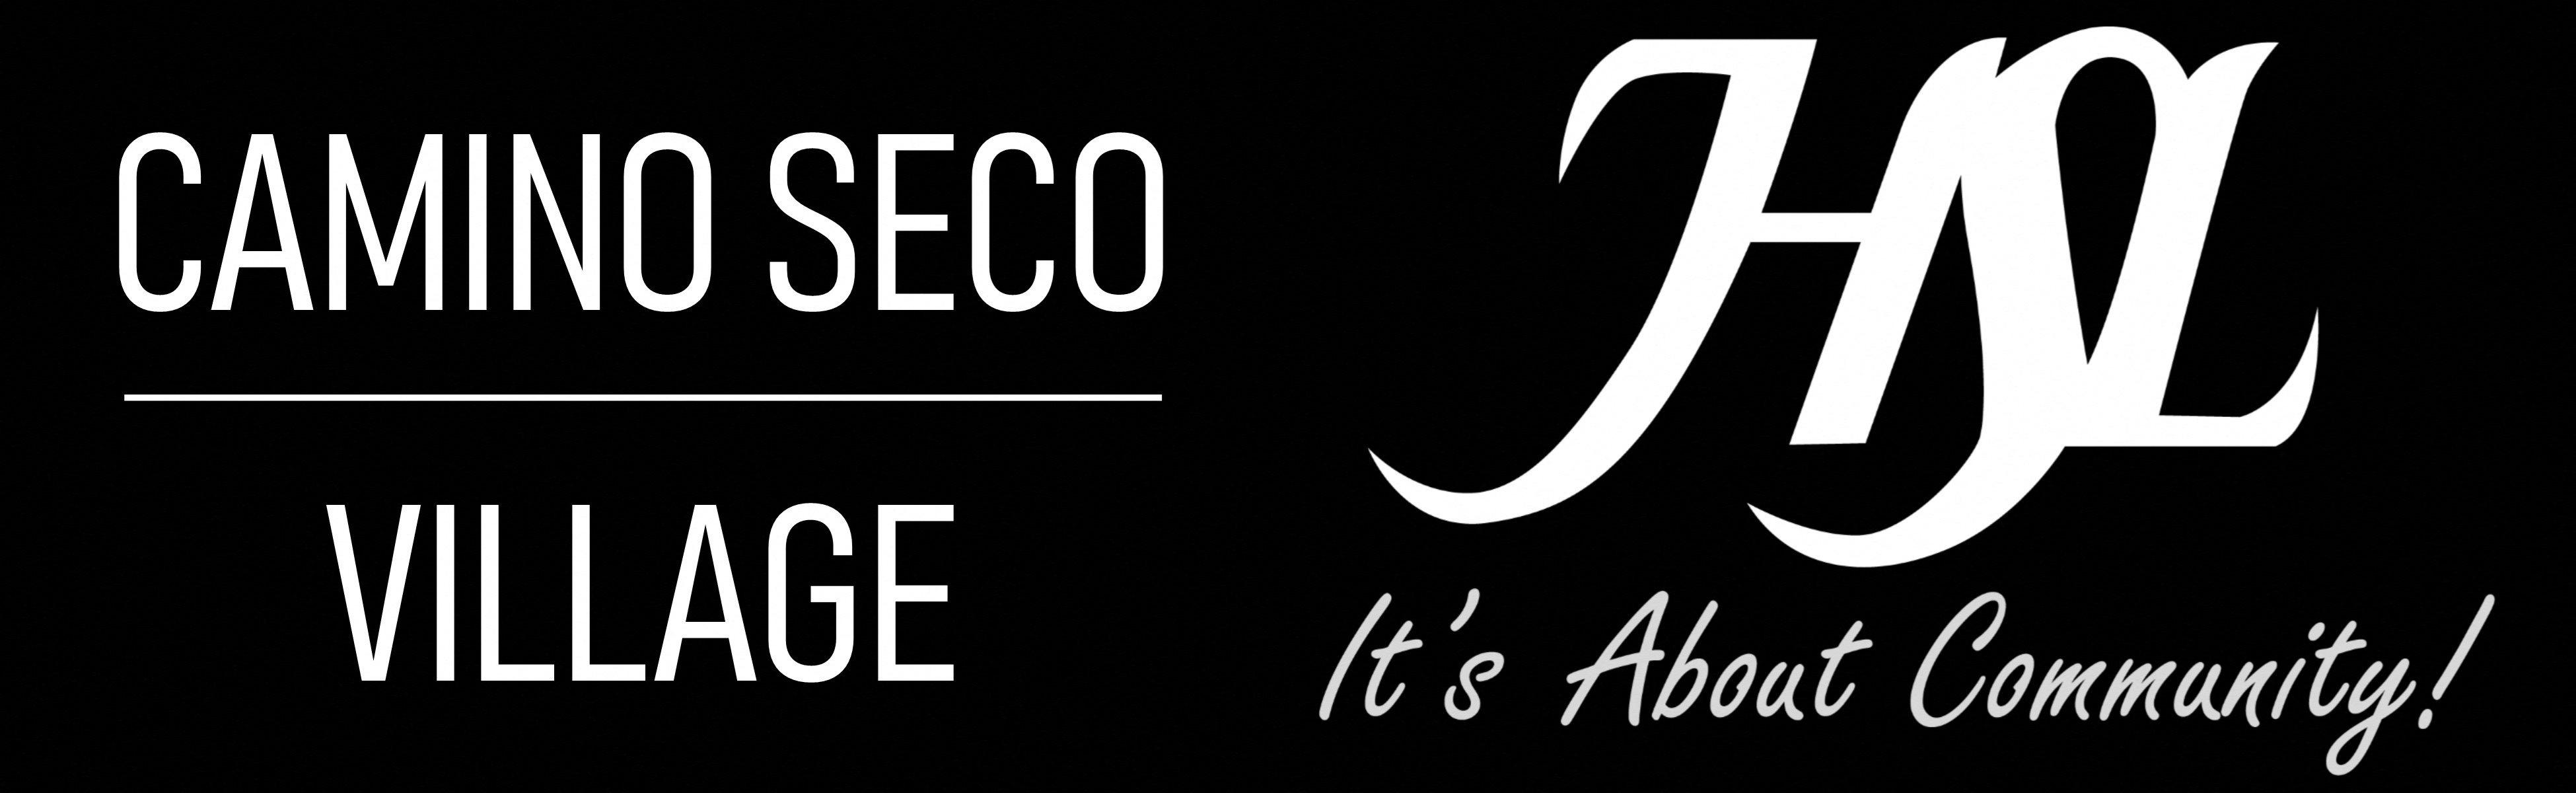 Camino Seco Village Logo